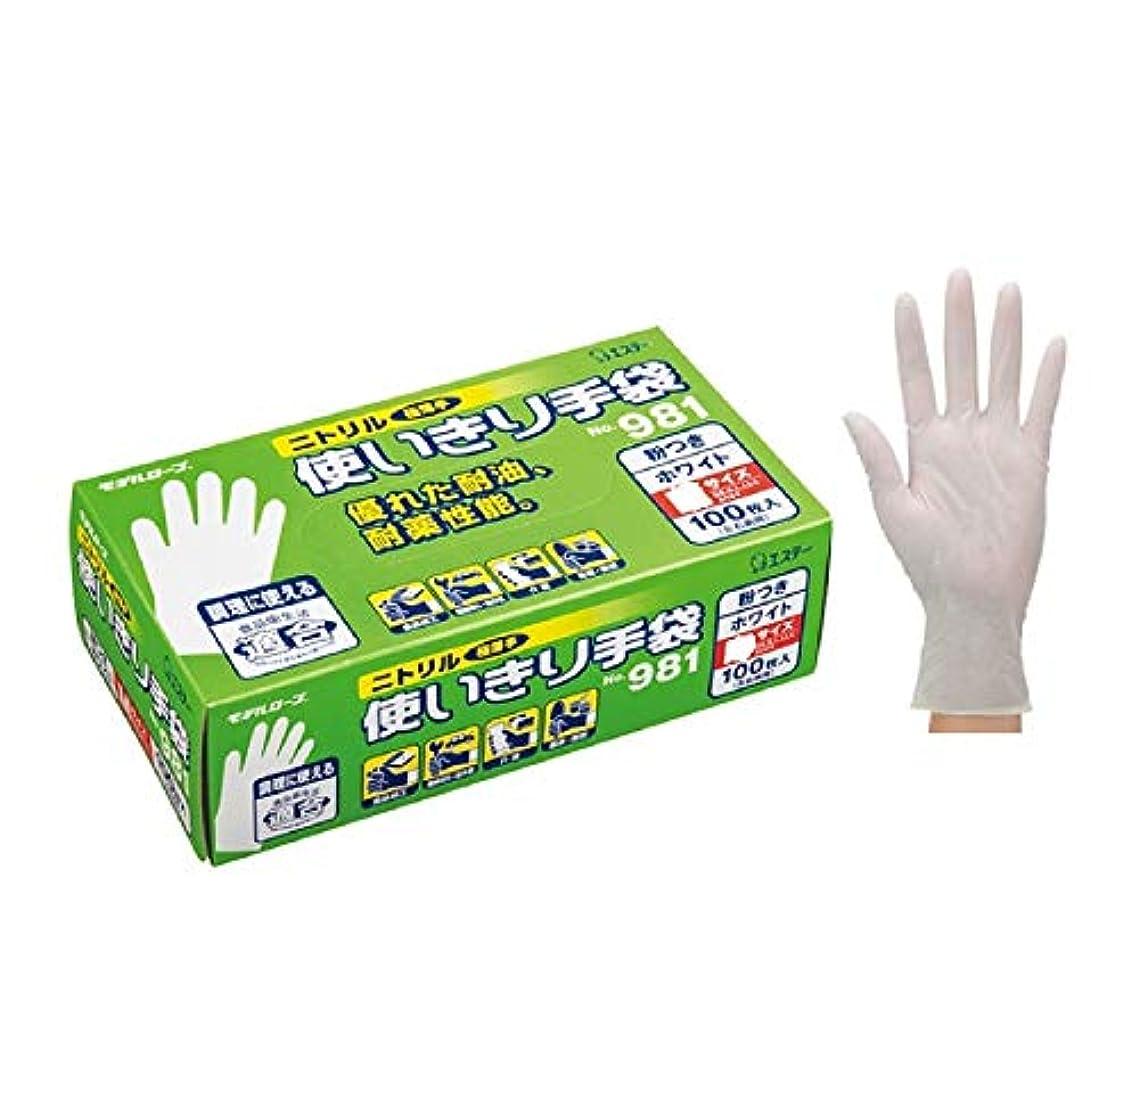 エステー ニトリル手袋/作業用手袋 [粉付 No981/S 12箱]